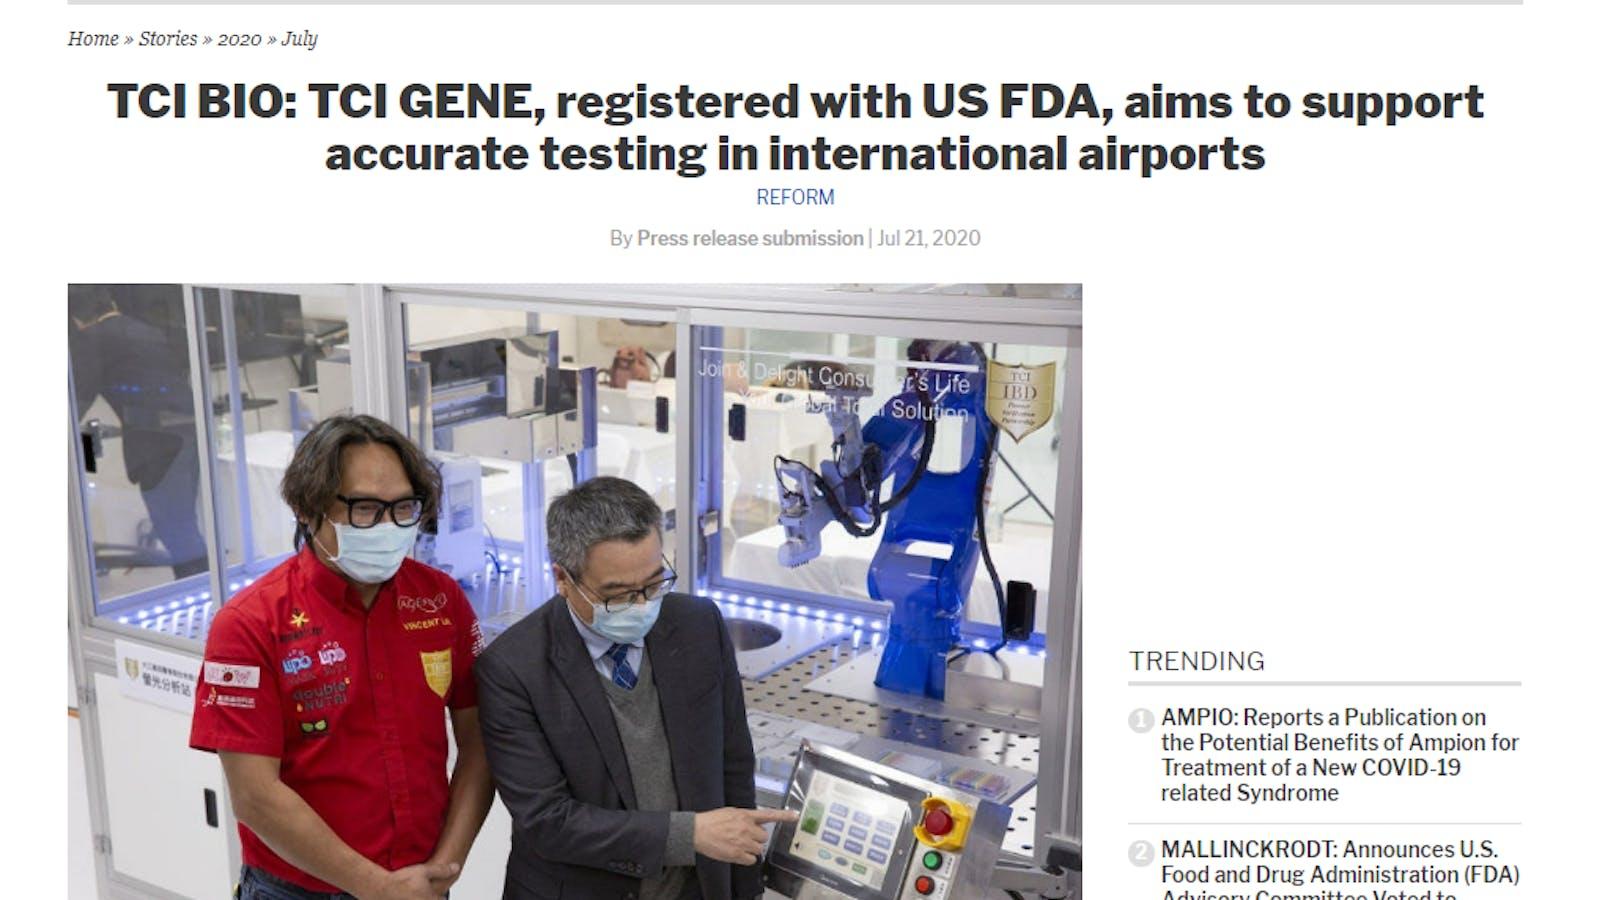 大江生医 QVS-96 全自动整合检测系统获美 FDA 认证,抢攻国际机场防疫商机